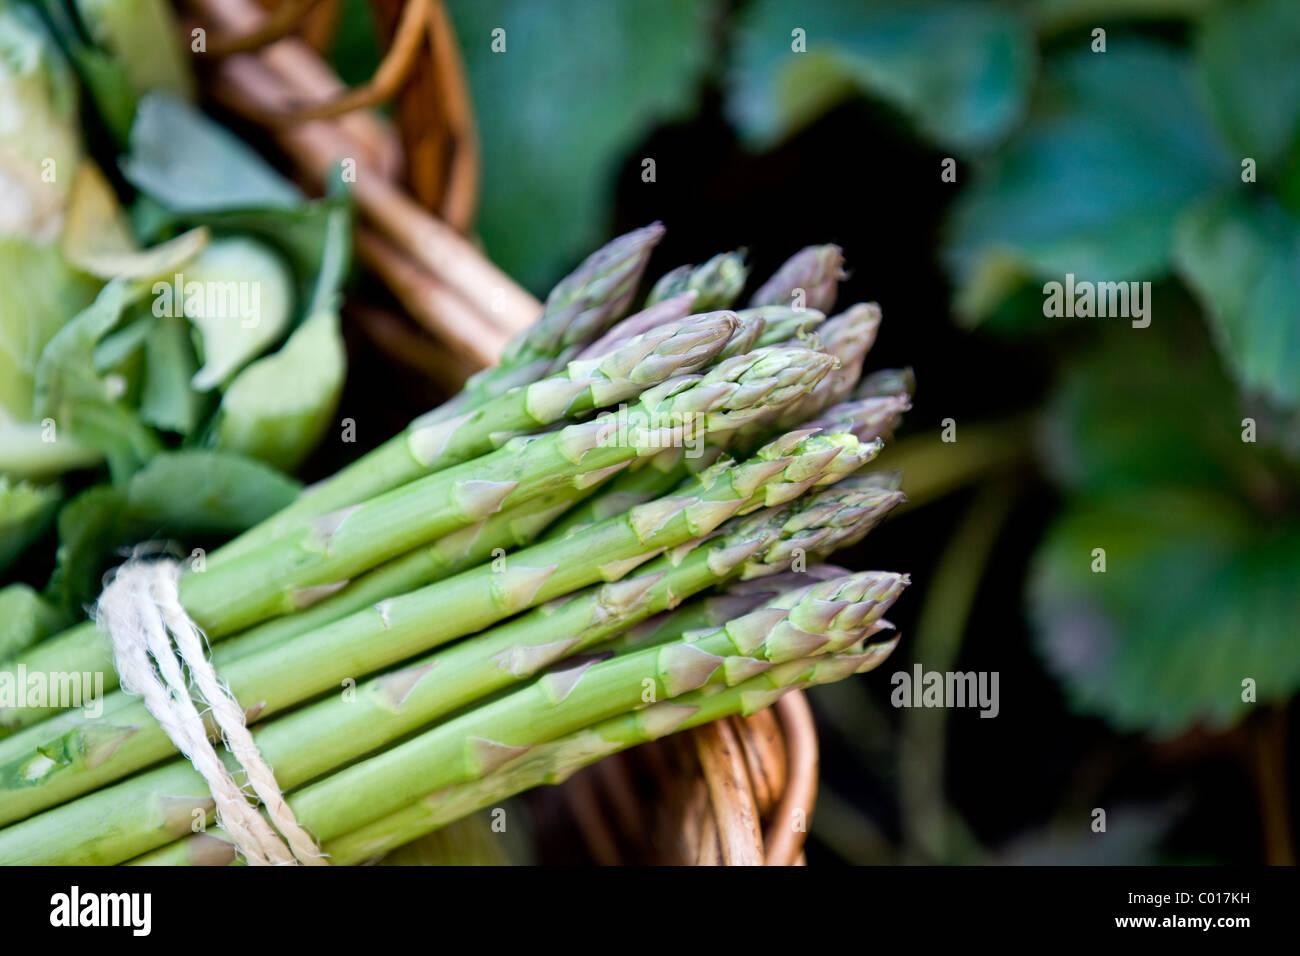 Eine Reihe von Spargel in einen Korb mit frischem Gemüse Stockbild